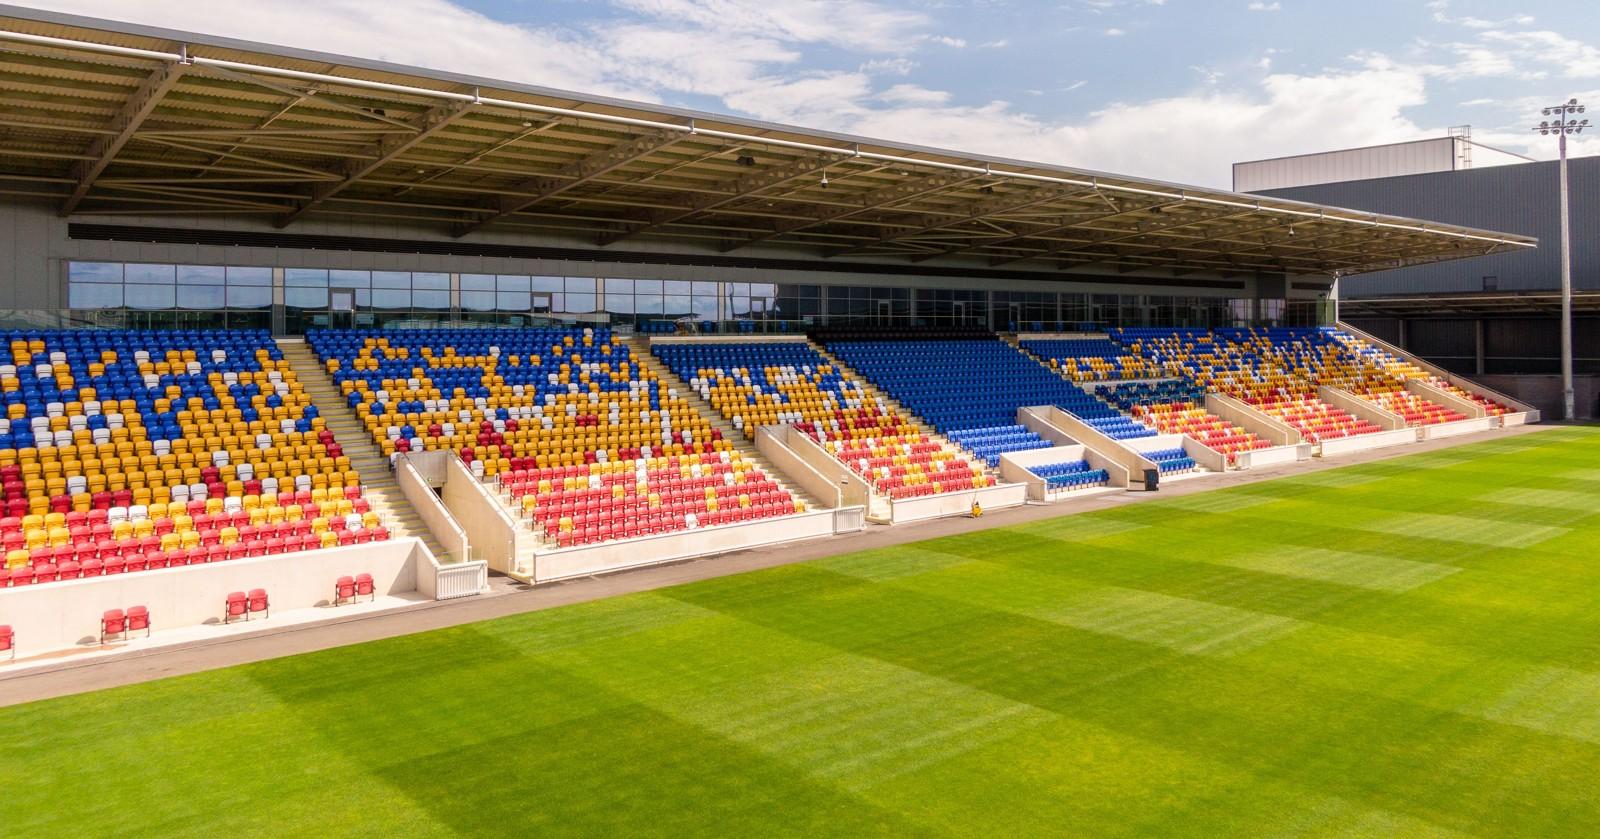 LNER Community Stadium. York